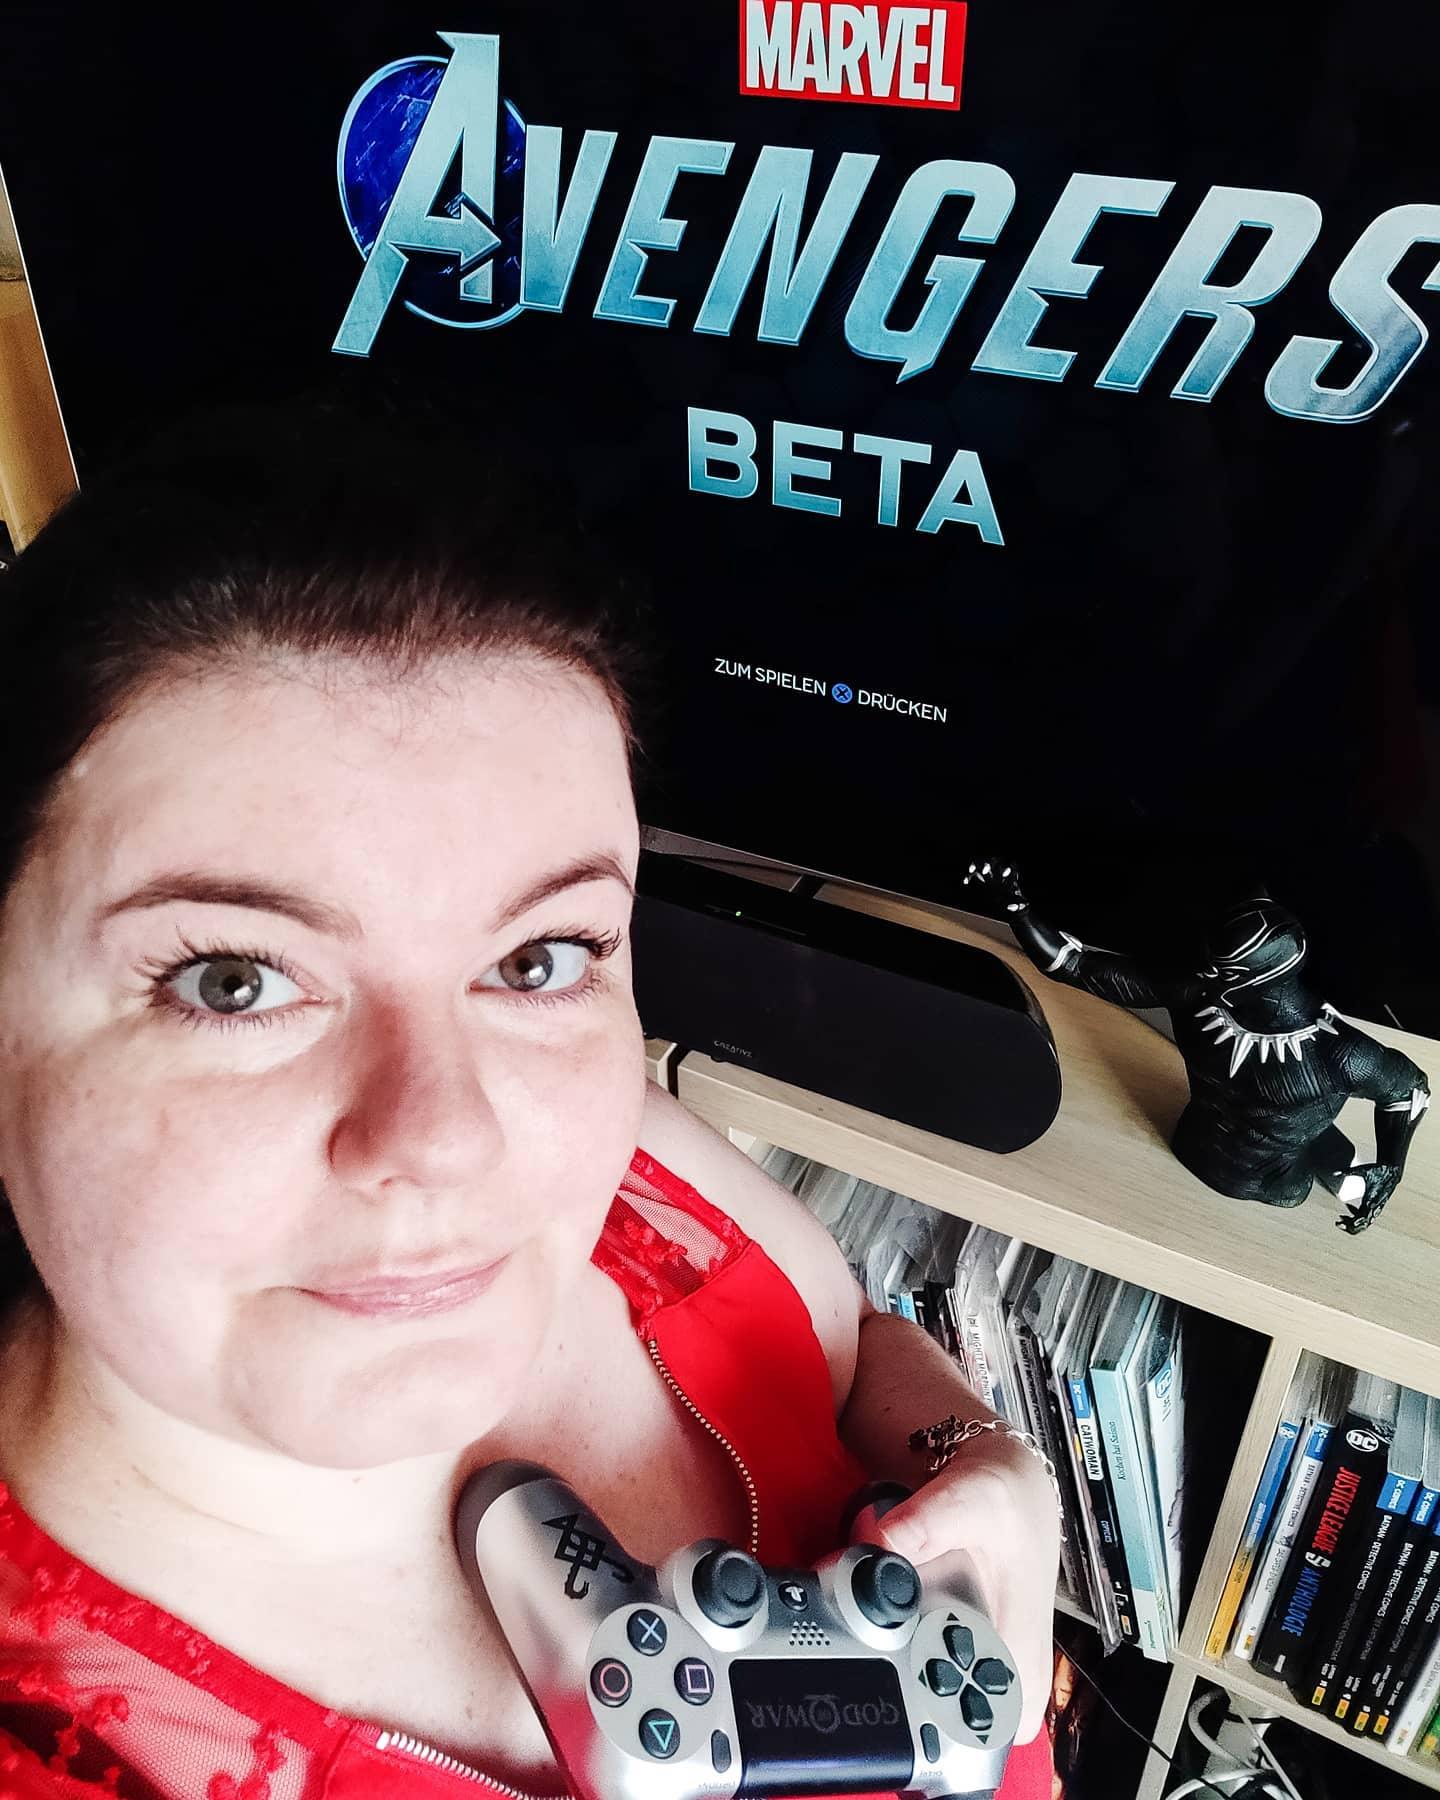 Marvel's Avengers Beta Termine